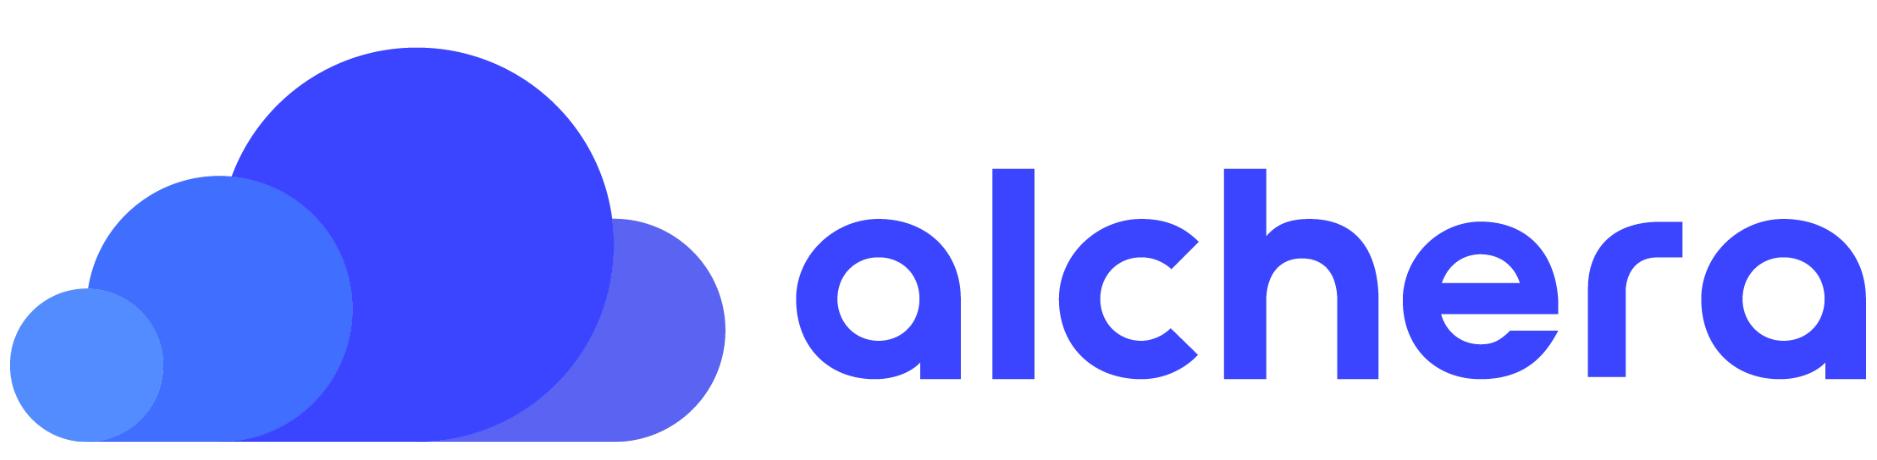 (주)알체라의 기업로고